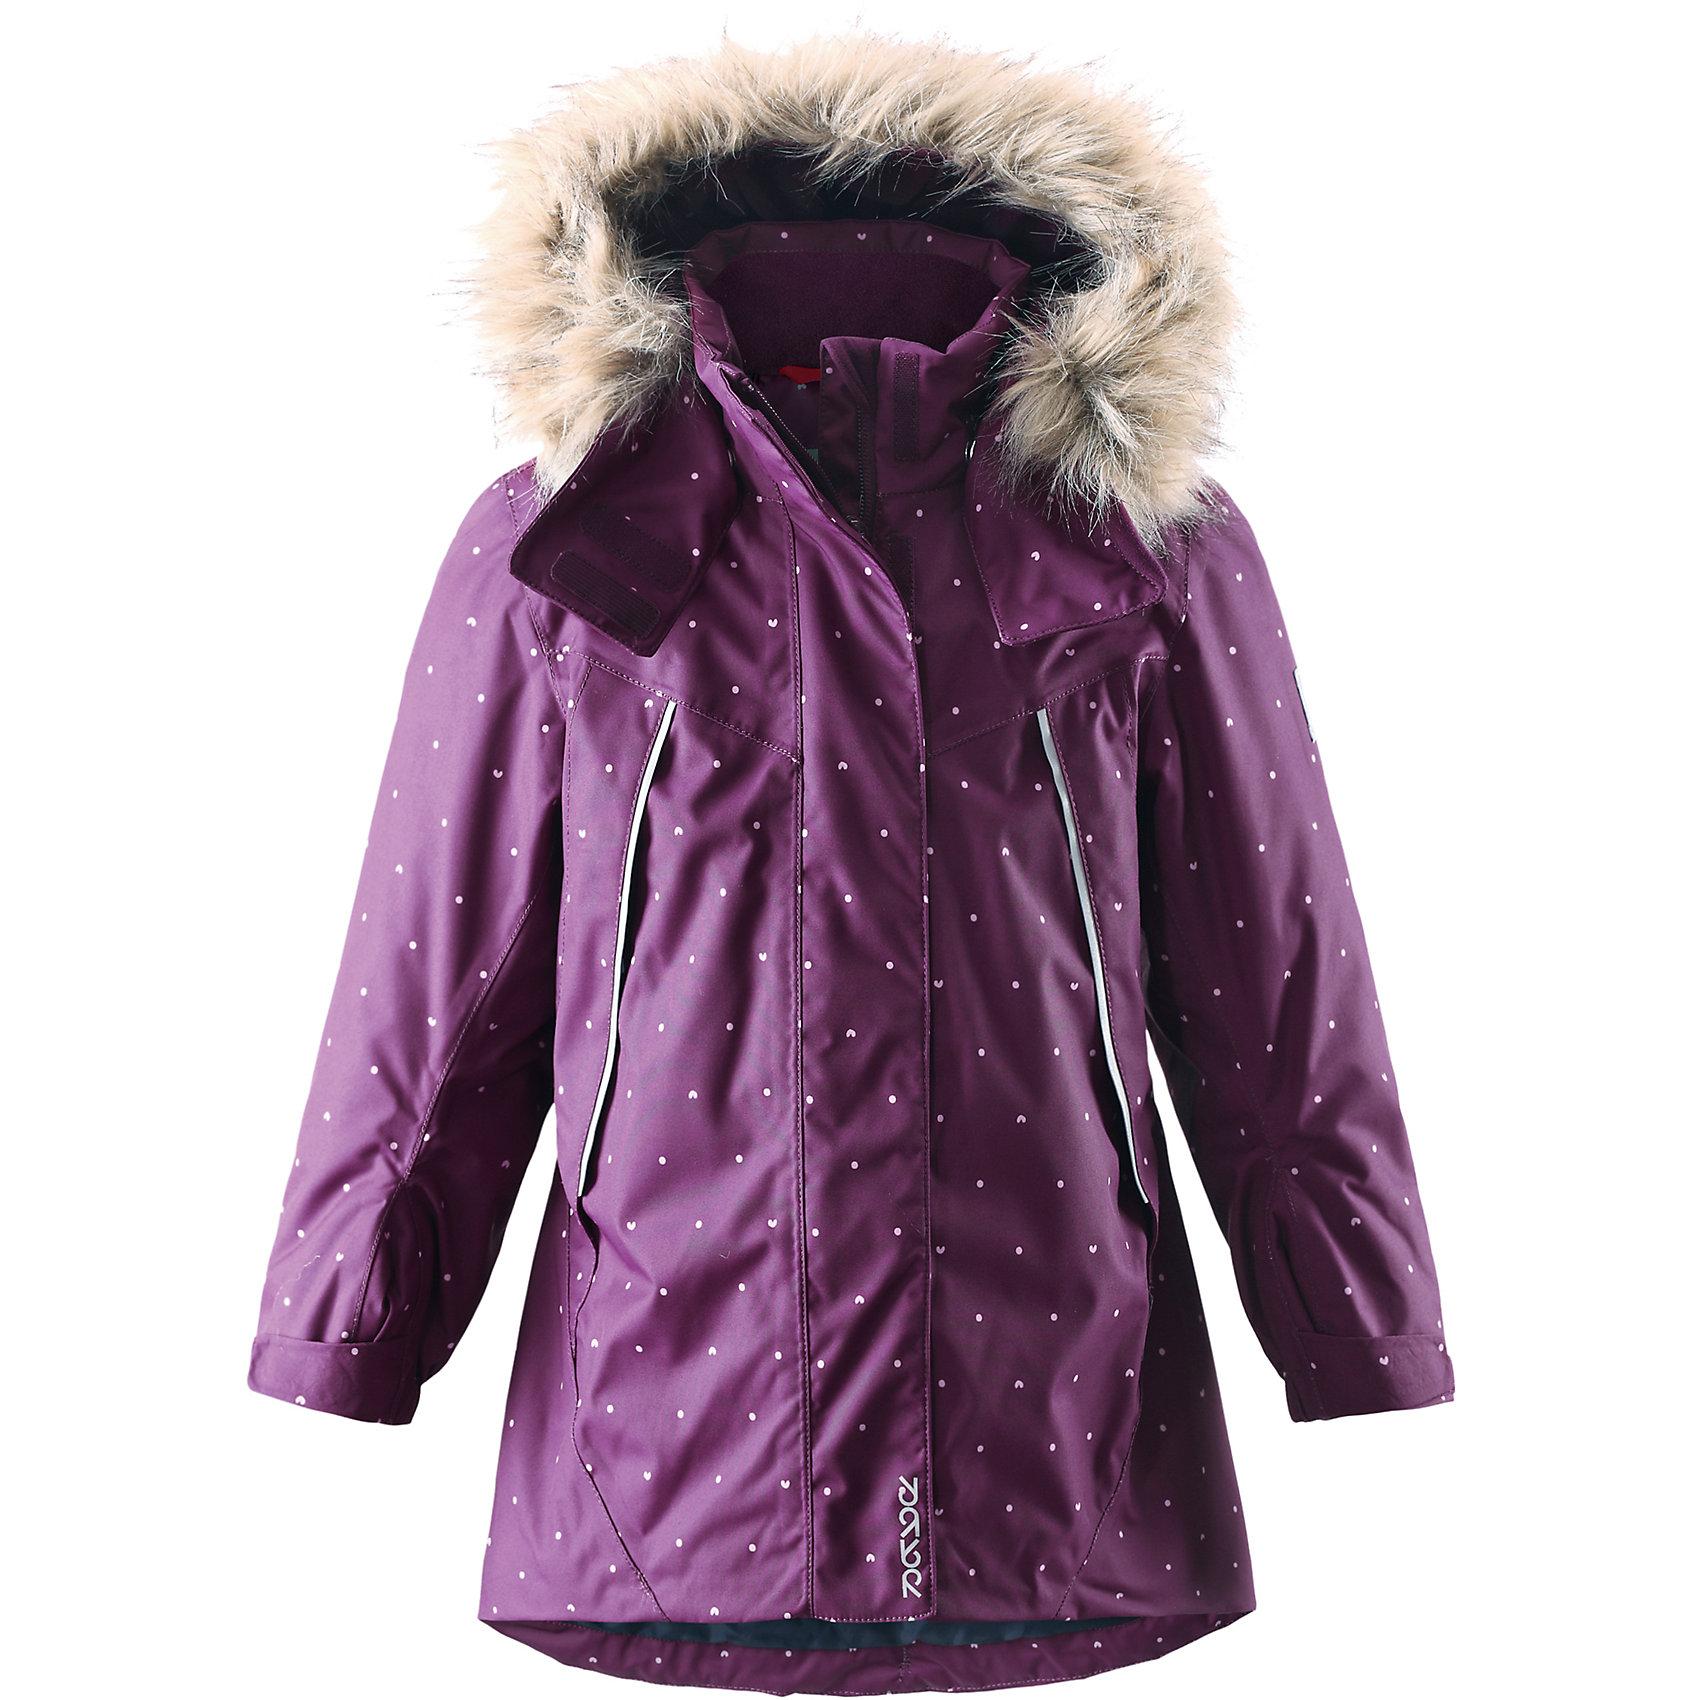 Куртка Muhvi для девочки Reimatec® ReimaКуртка для девочки Reimatec® Reima<br>Зимняя куртка для детей. Все швы проклеены и водонепроницаемы. Водо- и ветронепроницаемый, «дышащий» и грязеотталкивающий материал. Крой для девочек. Гладкая подкладка из полиэстра. Безопасный отстегивающийся и регулируемый капюшон с отсоединяемой меховой каймой из искусственного меха. Регулируемый манжет на липучке. Эластичный пояс сзади. Удлиненный подол сзади. Регулируемый подол. Внутренний нагрудный карман. Два кармана на молнии. Принт по всей поверхности. Безопасные светоотражающие детали.<br>Утеплитель: Reima® Soft Loft insulation,160 g<br>Уход:<br>Стирать по отдельности, вывернув наизнанку. Перед стиркой отстегните искусственный мех. Застегнуть молнии и липучки. Стирать моющим средством, не содержащим отбеливающие вещества. Полоскать без специального средства. Во избежание изменения цвета изделие необходимо вынуть из стиральной машинки незамедлительно после окончания программы стирки. Можно сушить в сушильном шкафу или центрифуге (макс. 40° C).<br>Состав:<br>100% Полиамид, полиуретановое покрытие<br><br>Ширина мм: 356<br>Глубина мм: 10<br>Высота мм: 245<br>Вес г: 519<br>Цвет: фиолетовый<br>Возраст от месяцев: 24<br>Возраст до месяцев: 36<br>Пол: Женский<br>Возраст: Детский<br>Размер: 98,134,122,116,128,92,140,110,104<br>SKU: 4777936